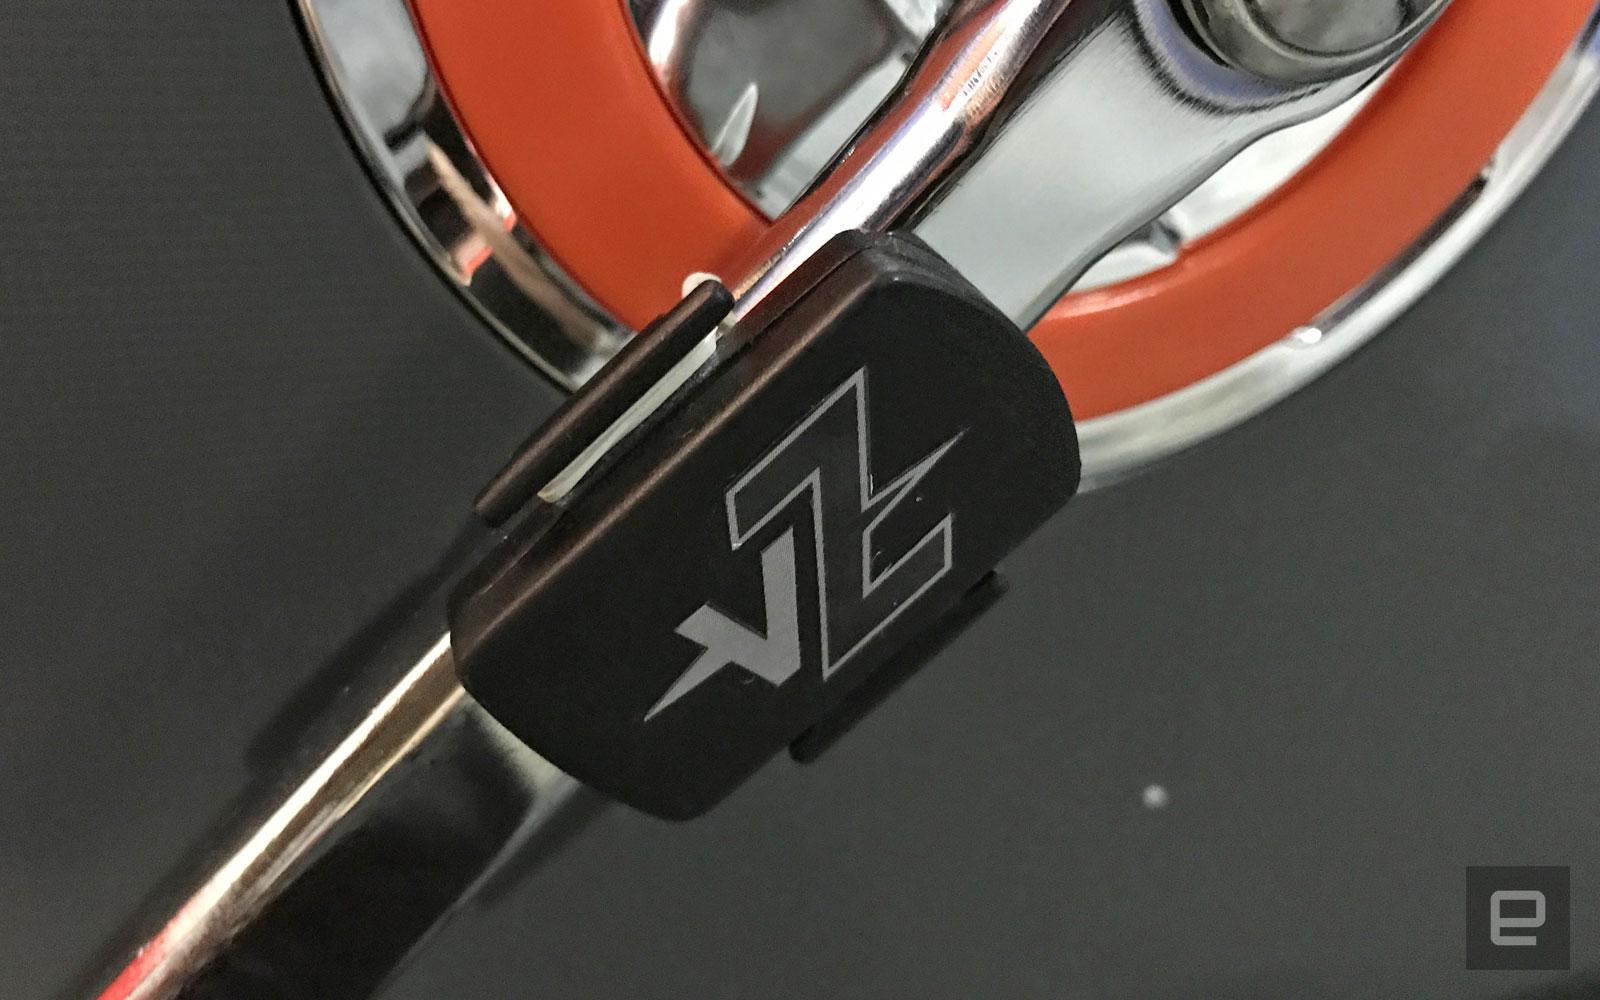 virzoom-vz-sensor.jpg